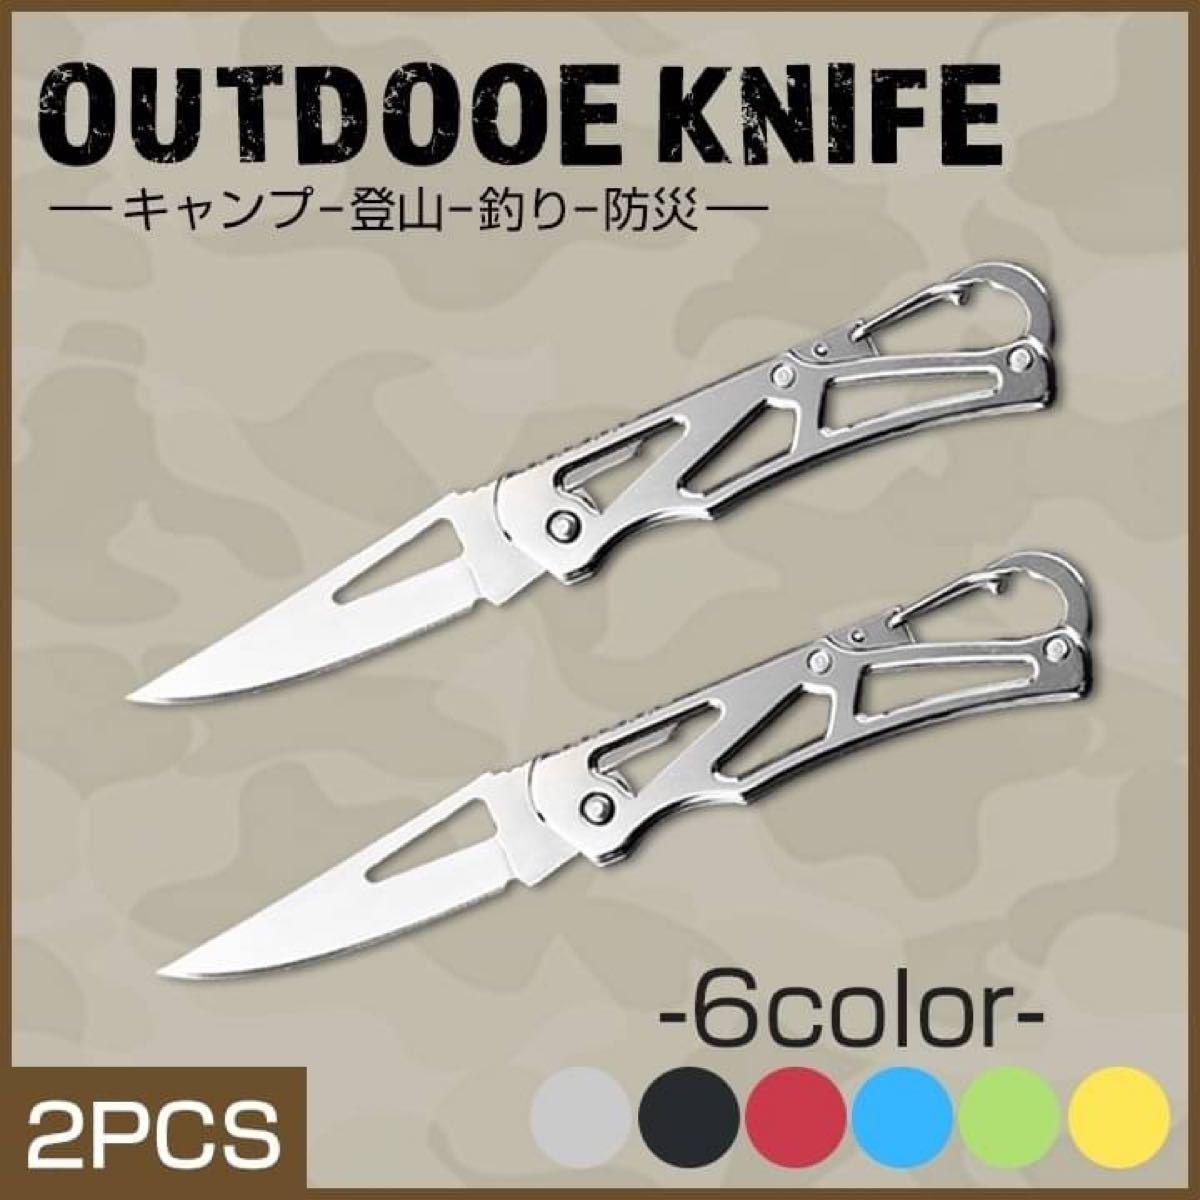 【アウトドアに最適】カラビナ折りたたみナイフ 釣り キャンプ サバイバル